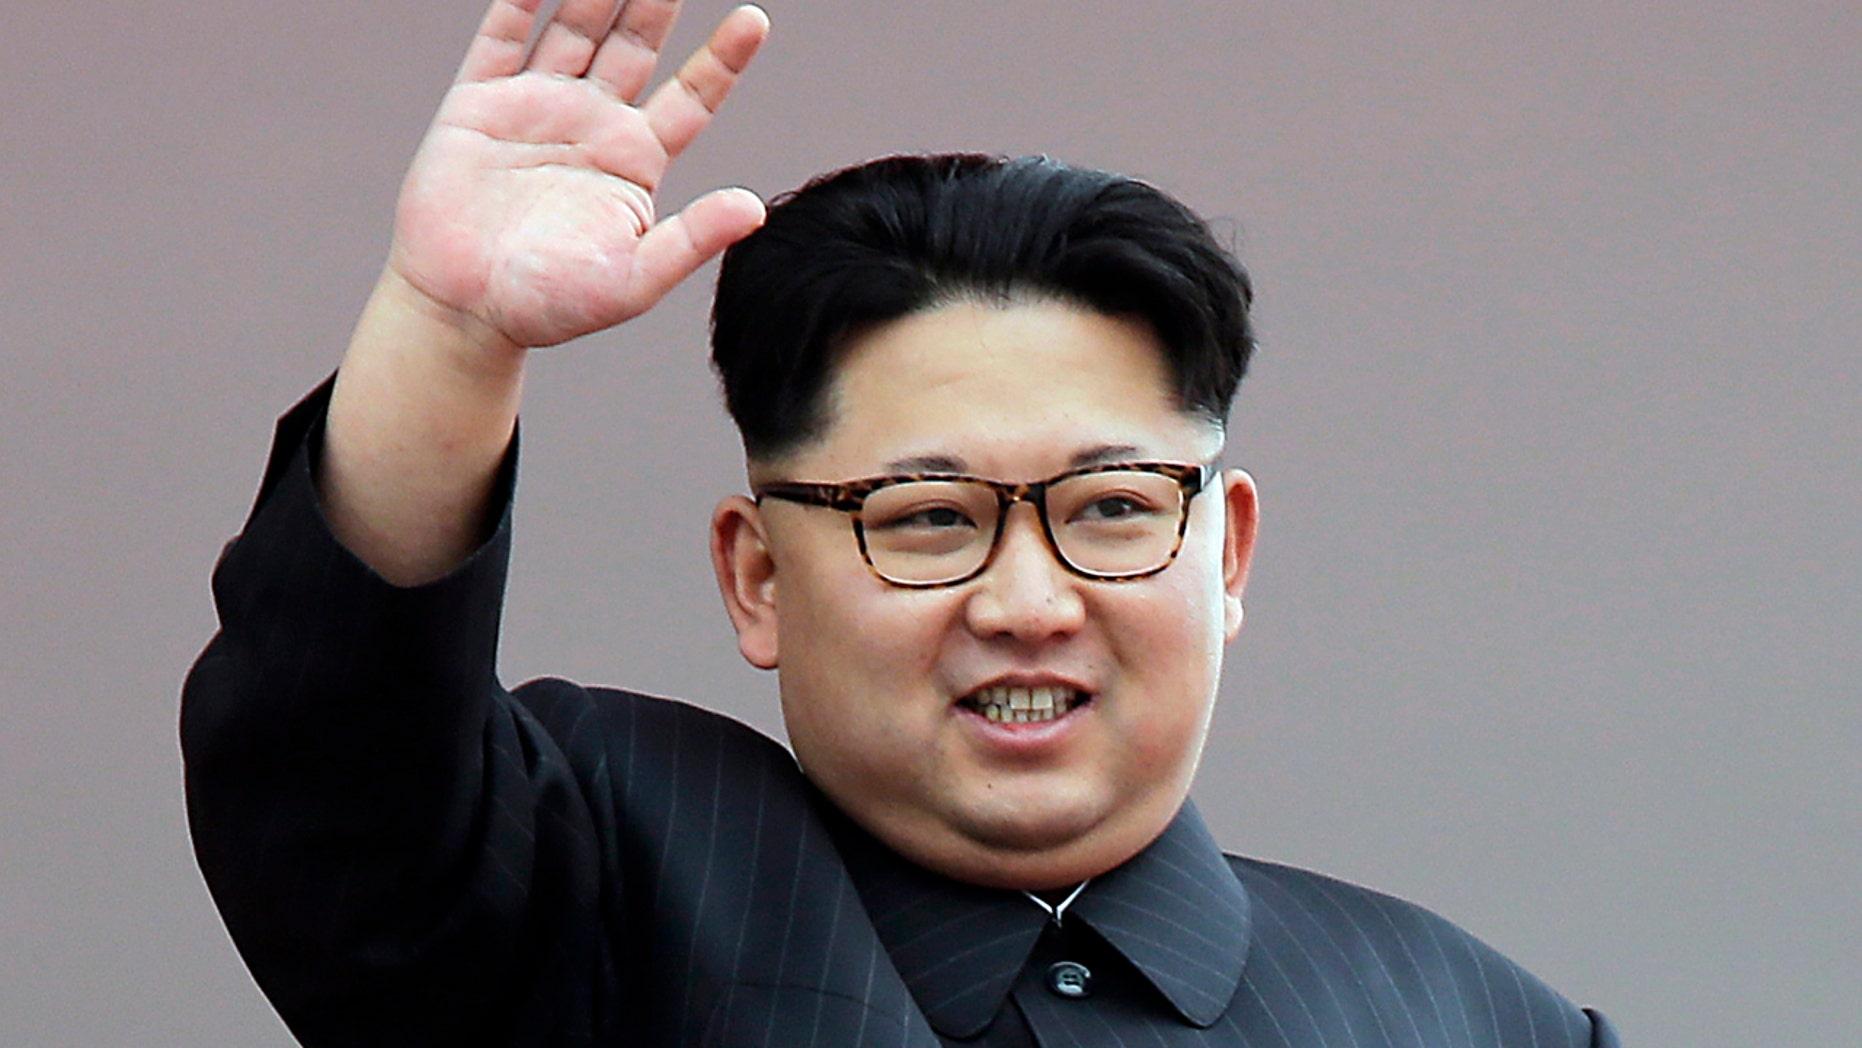 FILE - In this May 10, 2016, file photo, North Korean leader Kim Jong Un waves at parade participants at the Kim Il Sung Square in Pyongyang, North Korea. (AP Photo/Wong Maye-E)